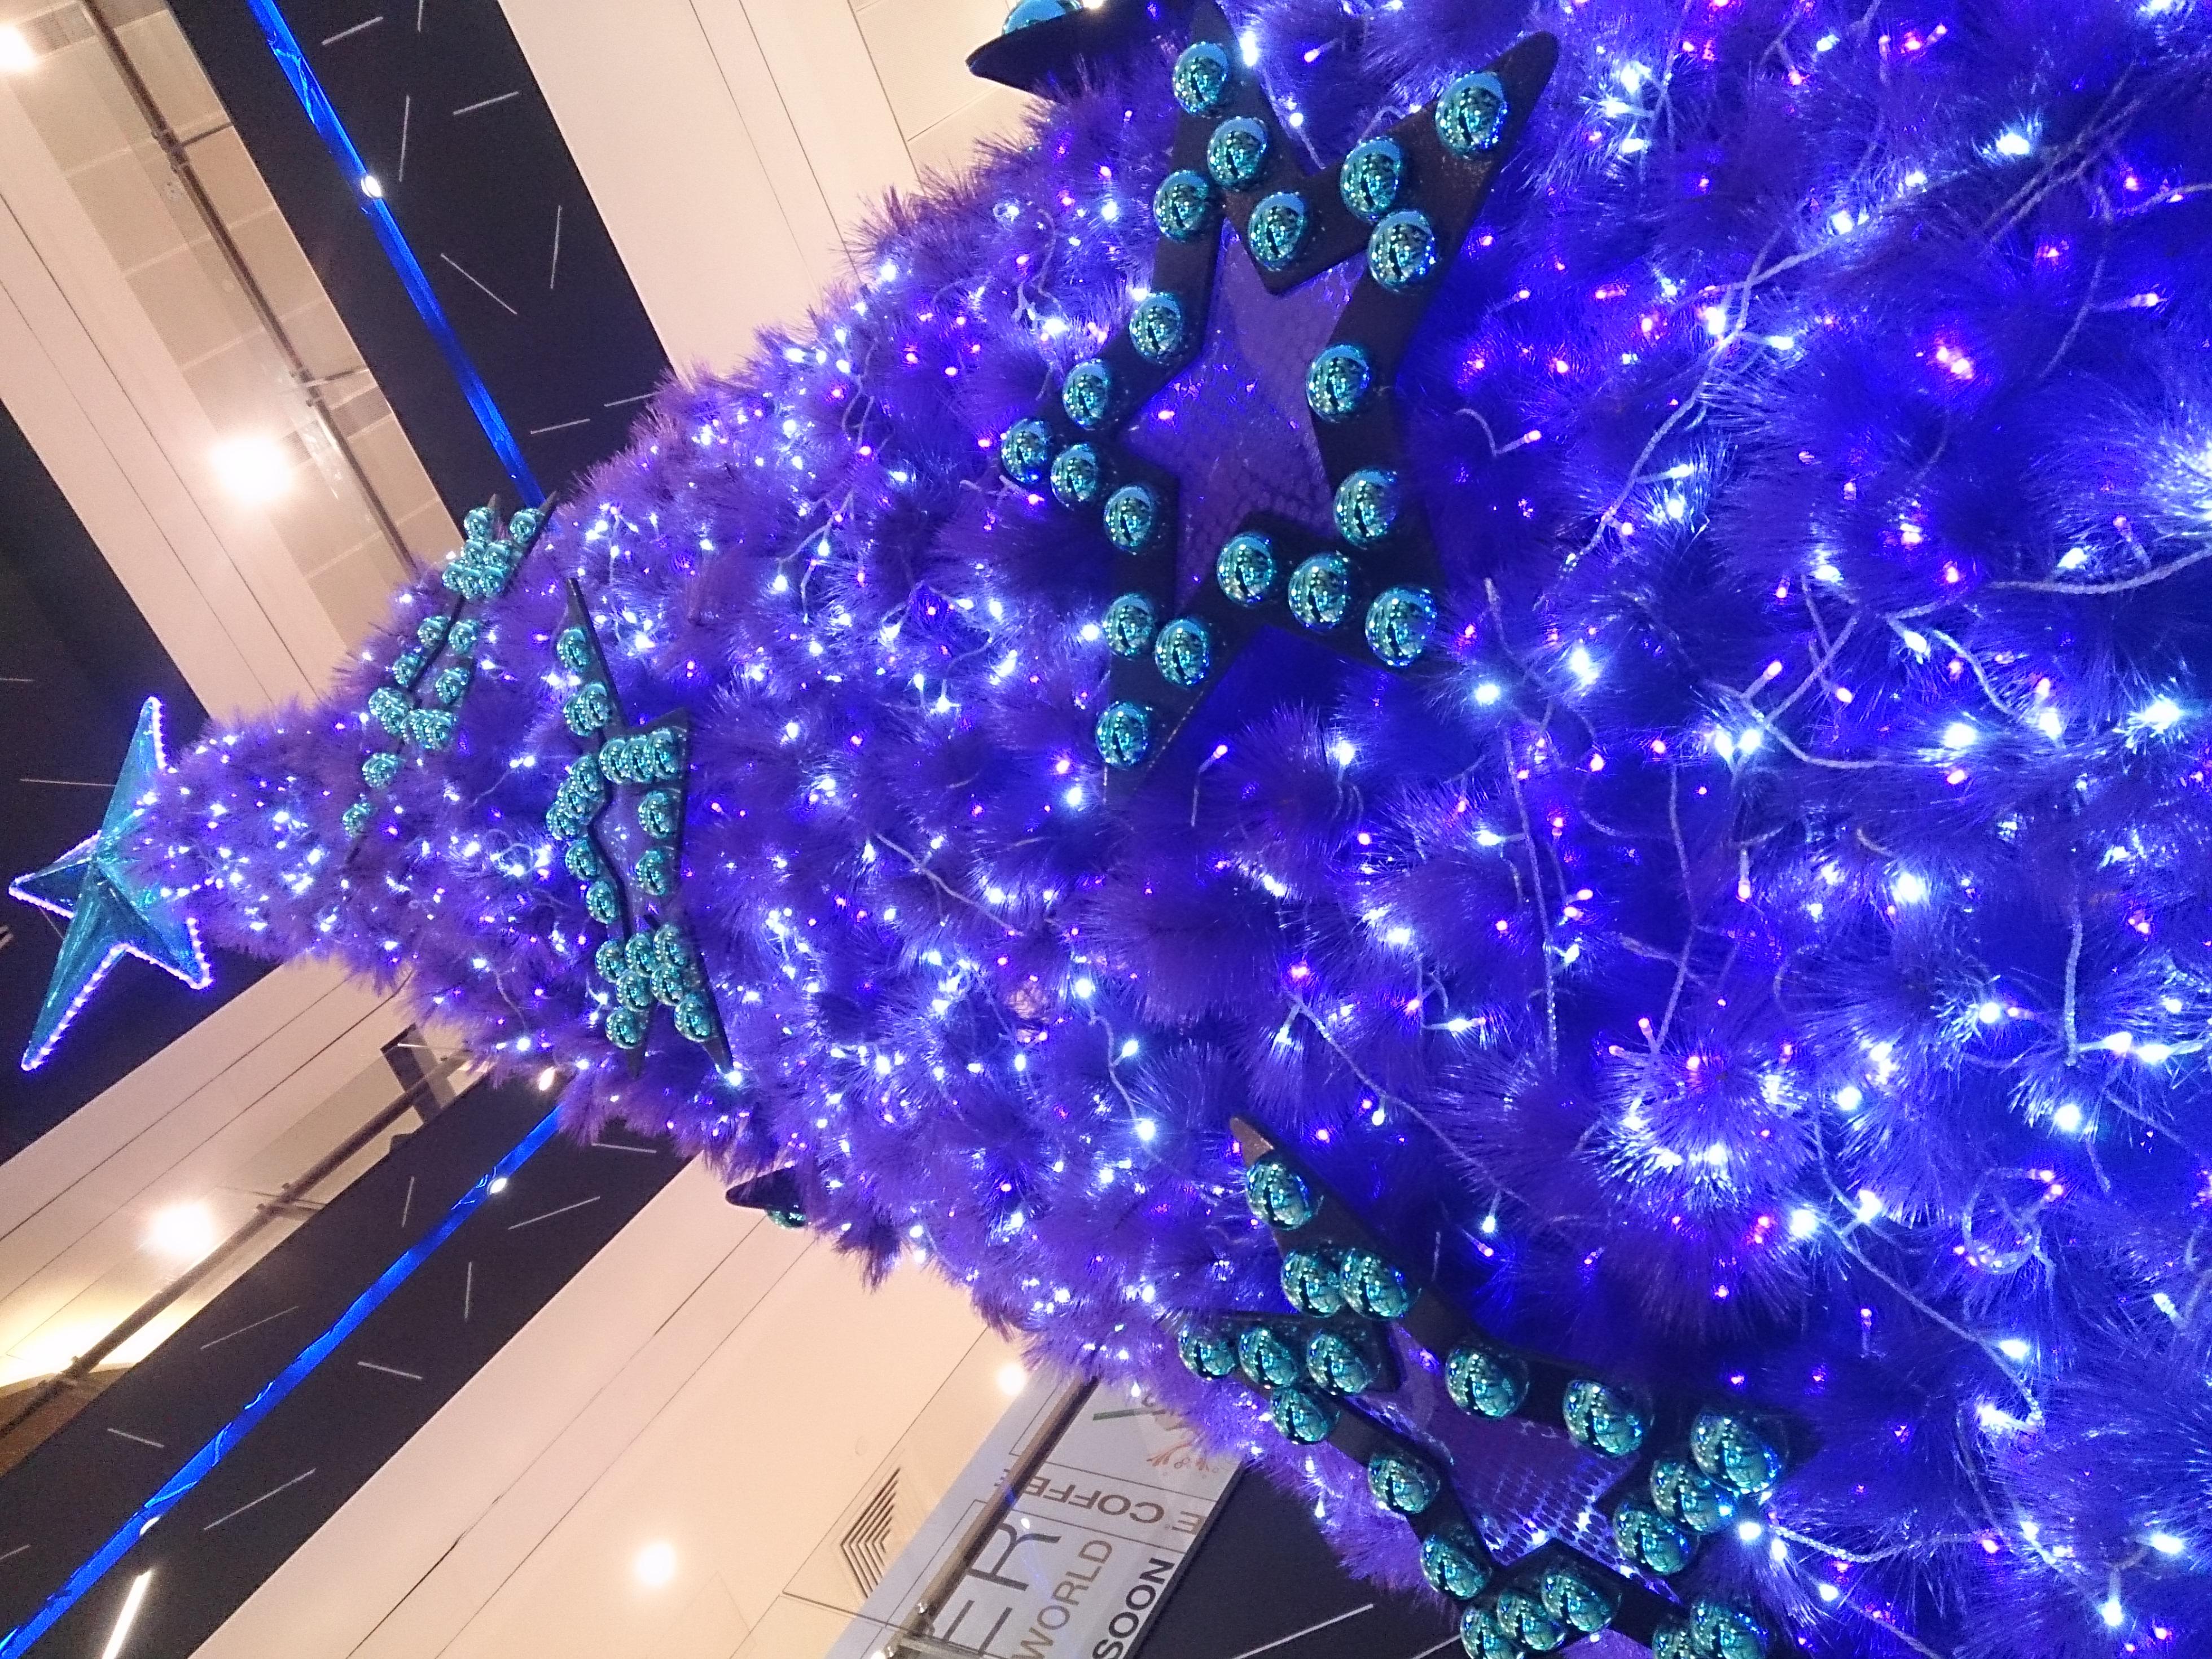 filepurple christmas treejpg - Purple Christmas Tree Lights